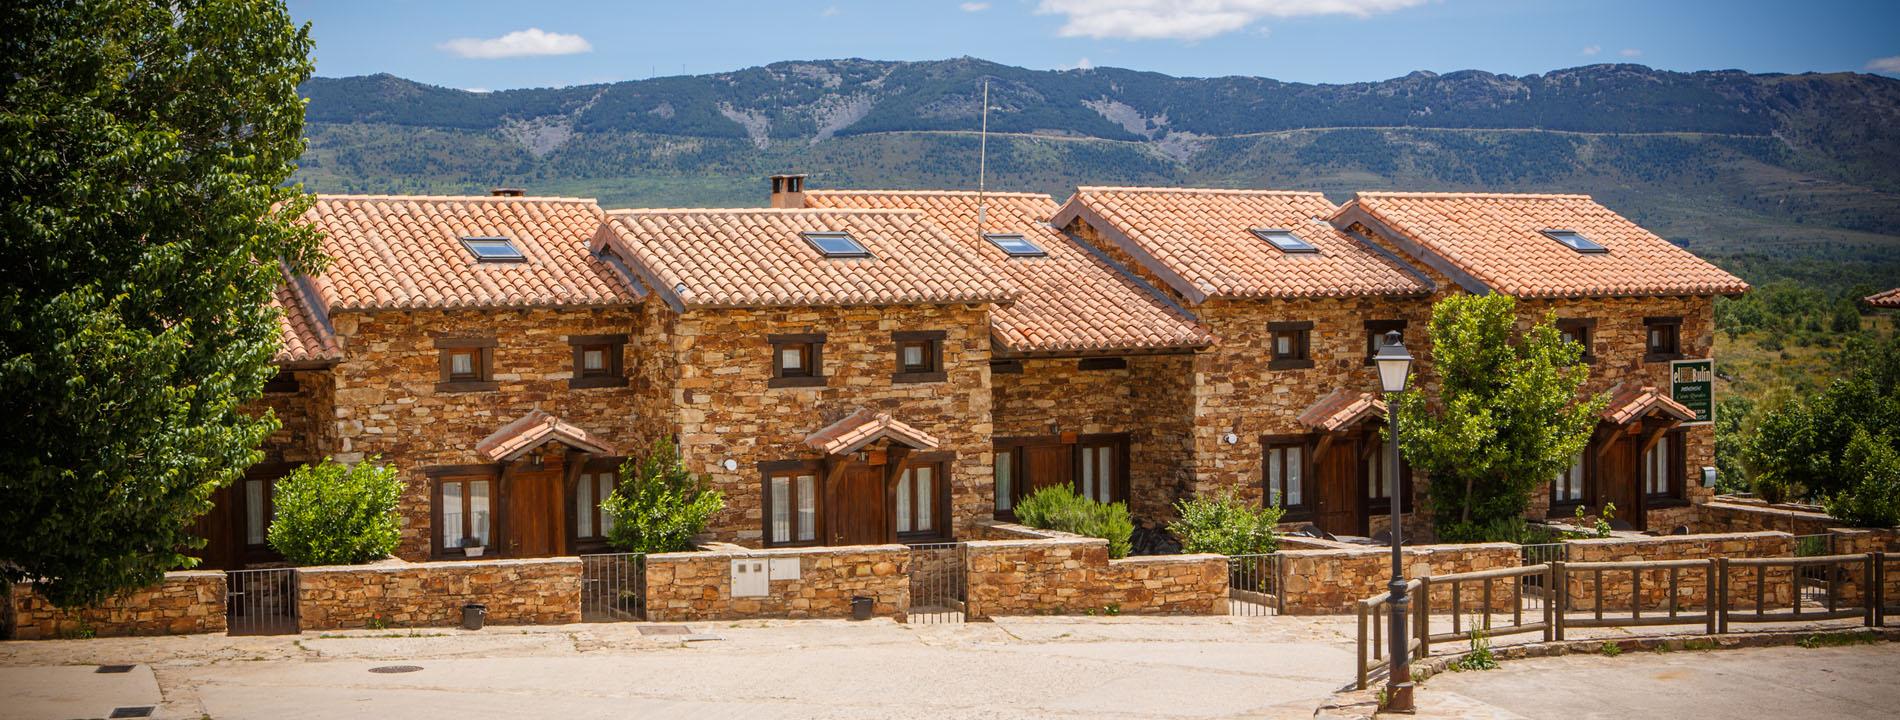 El bul n casas rurales con encanto en la sierra norte de madrid - Casa rurales en madrid ...